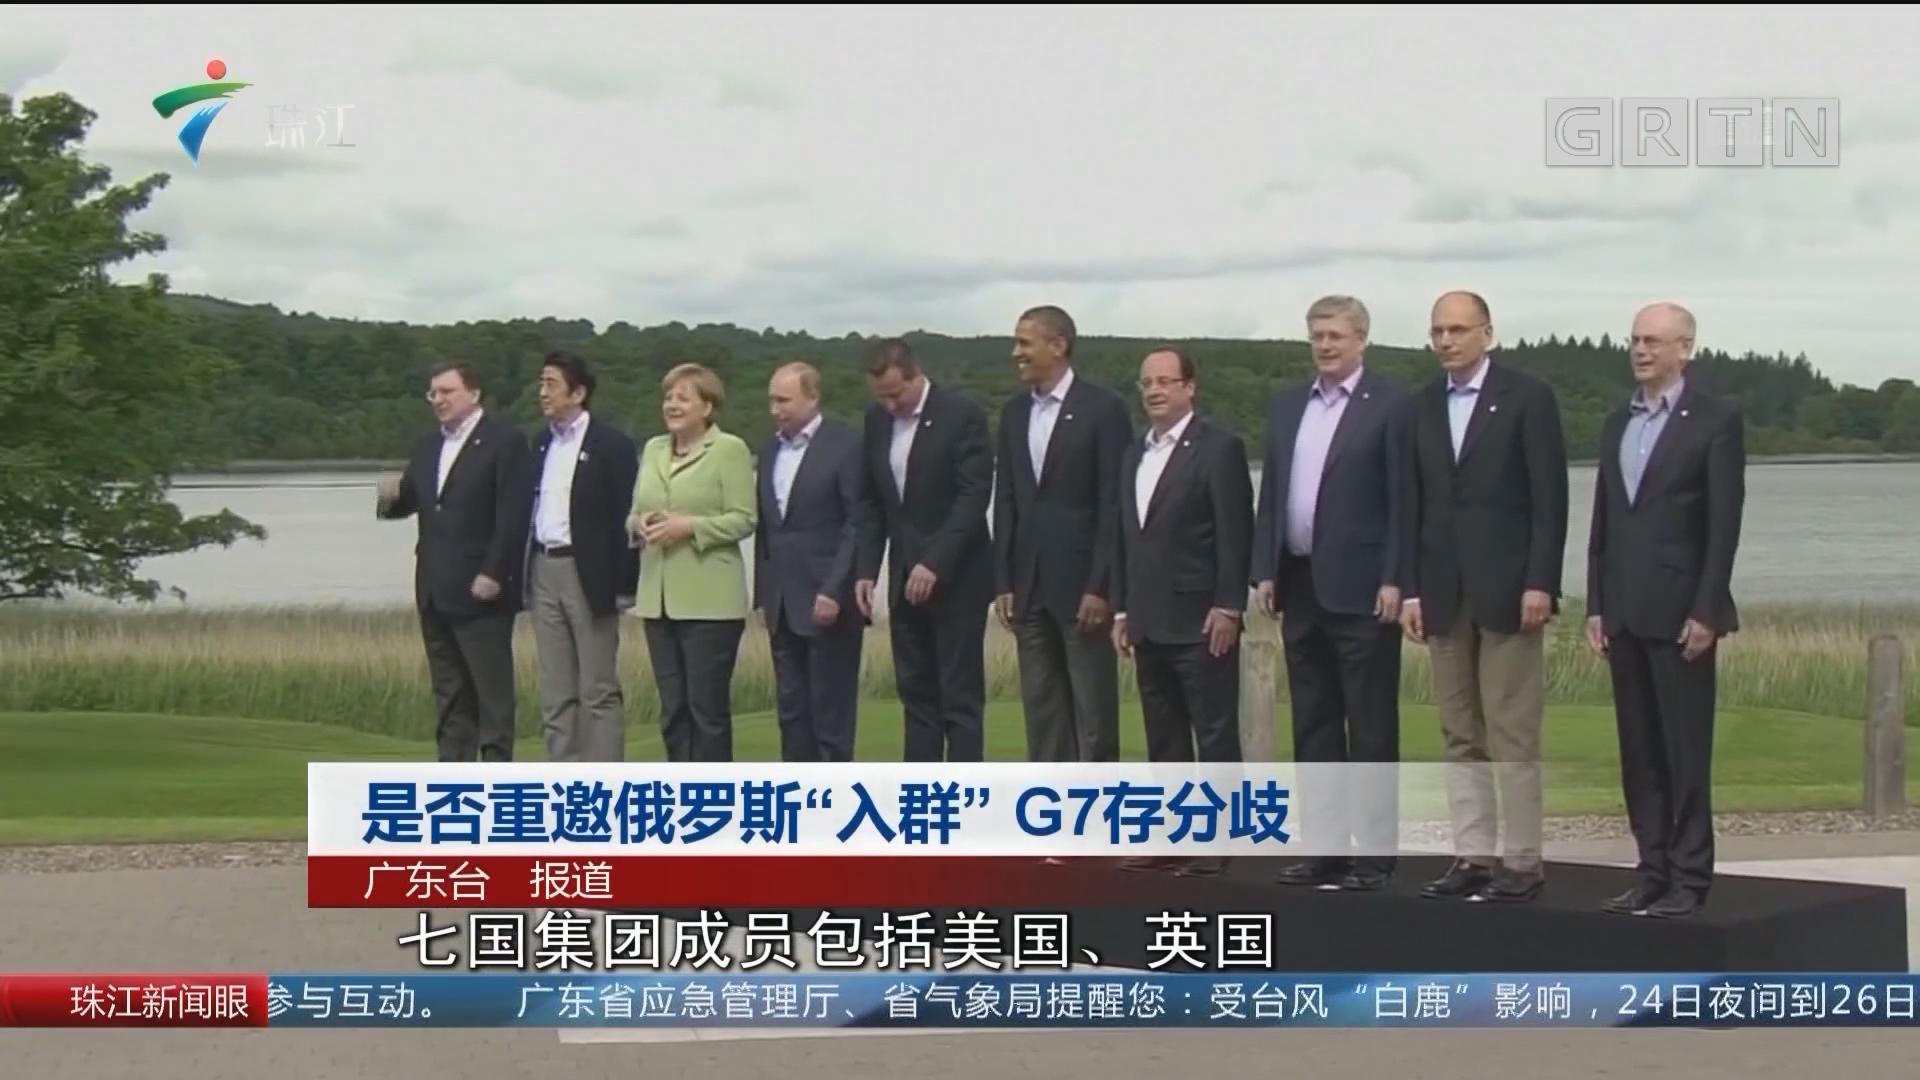 """是否重邀俄罗斯""""入群"""" G7存分歧"""